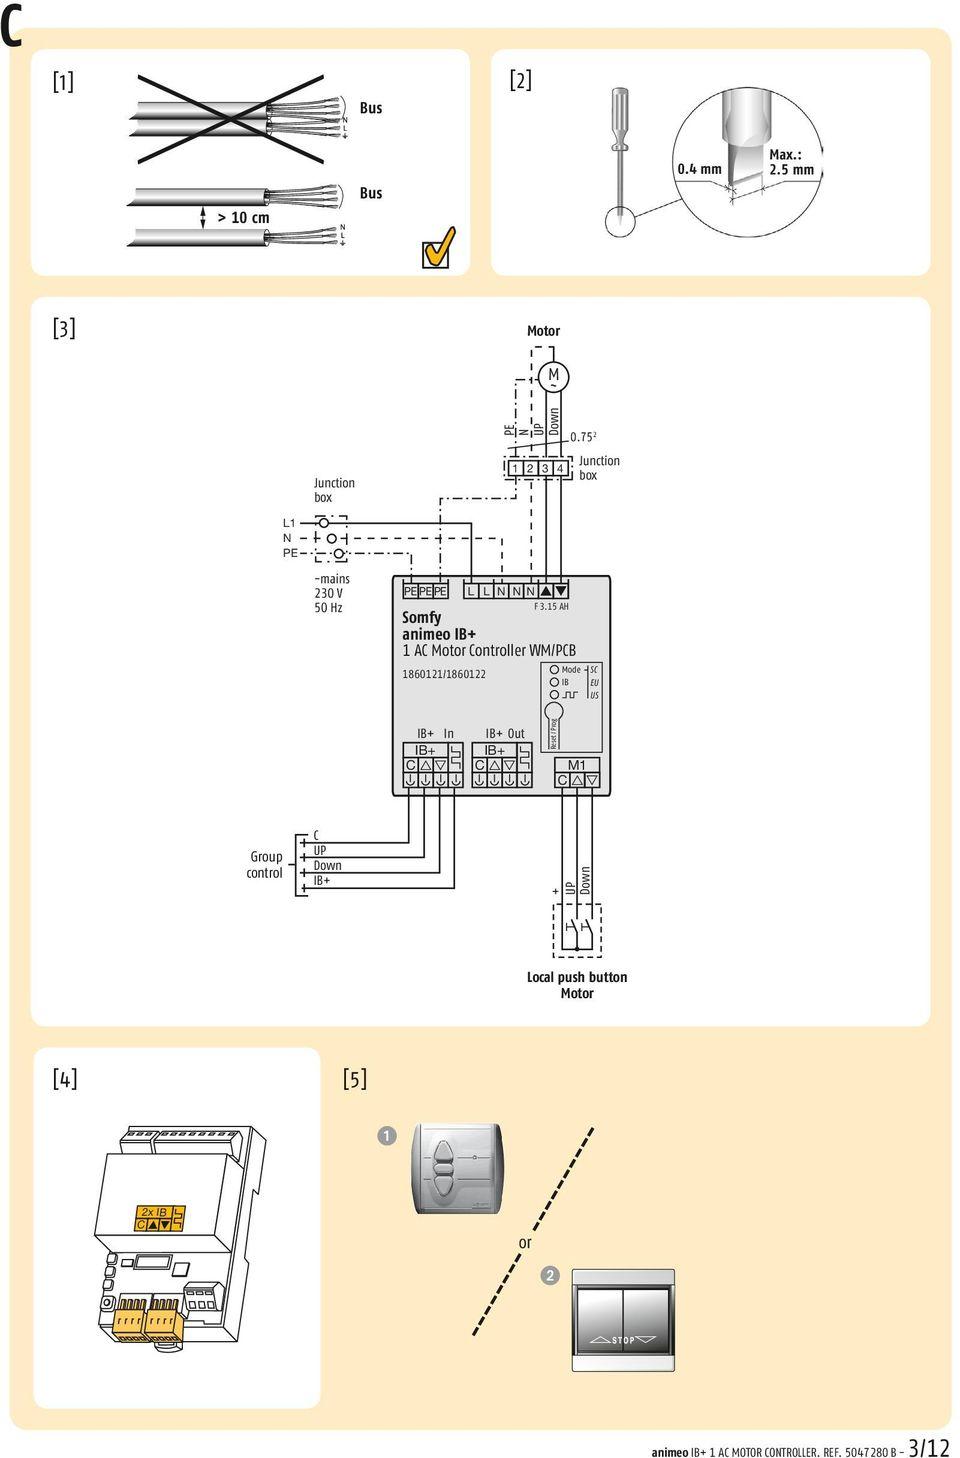 medium resolution of 75 2 junction 2 3 4 box n up down pe pe pe l l n n n f 3